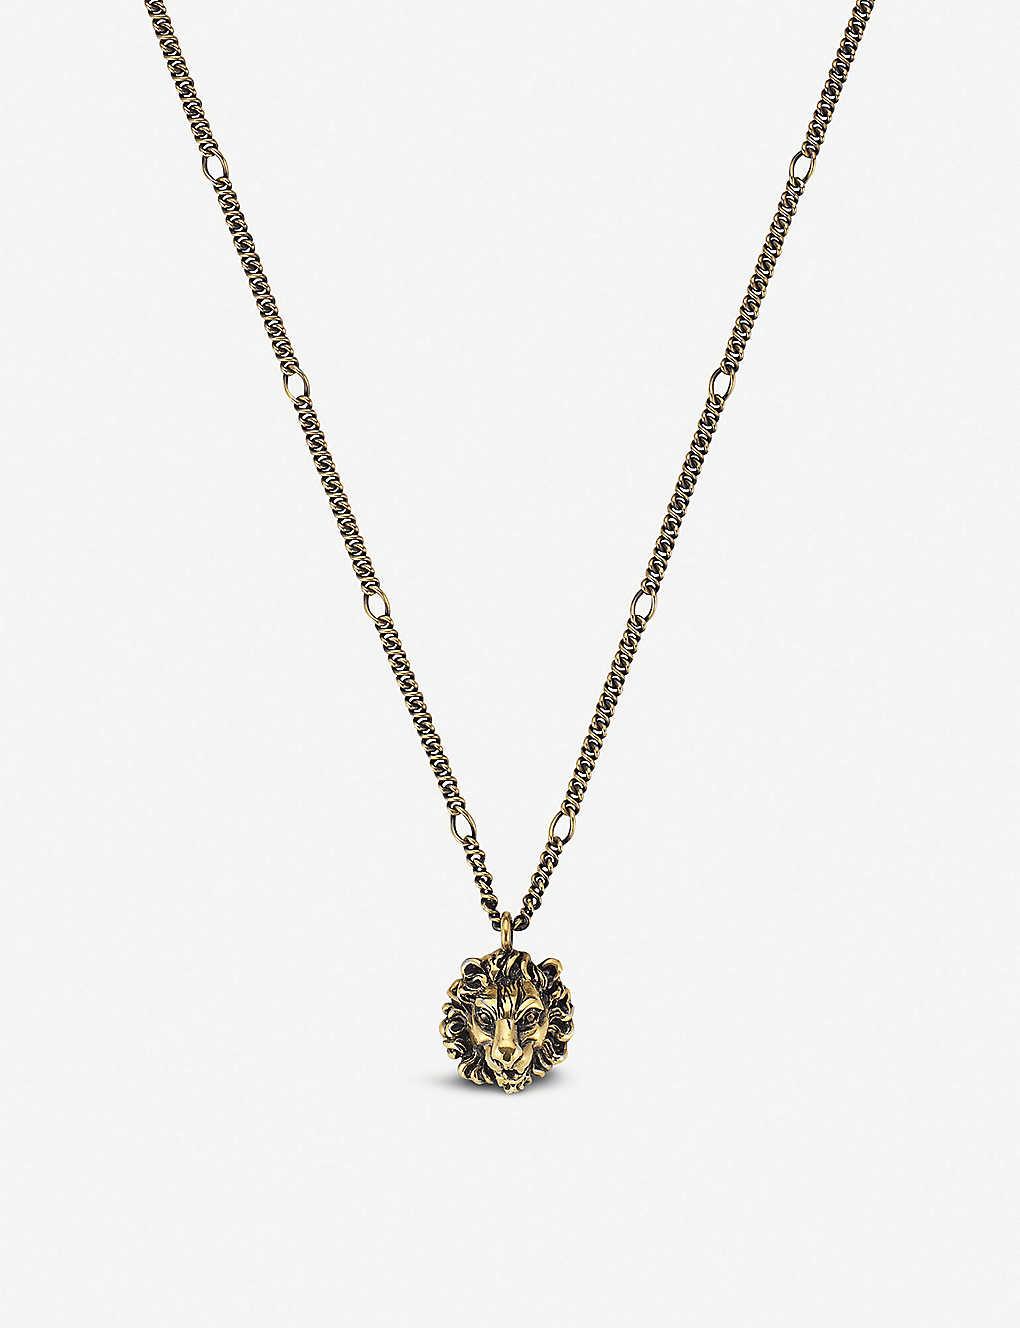 43130a3089f67 GUCCI - Lion head pendant necklace | Selfridges.com